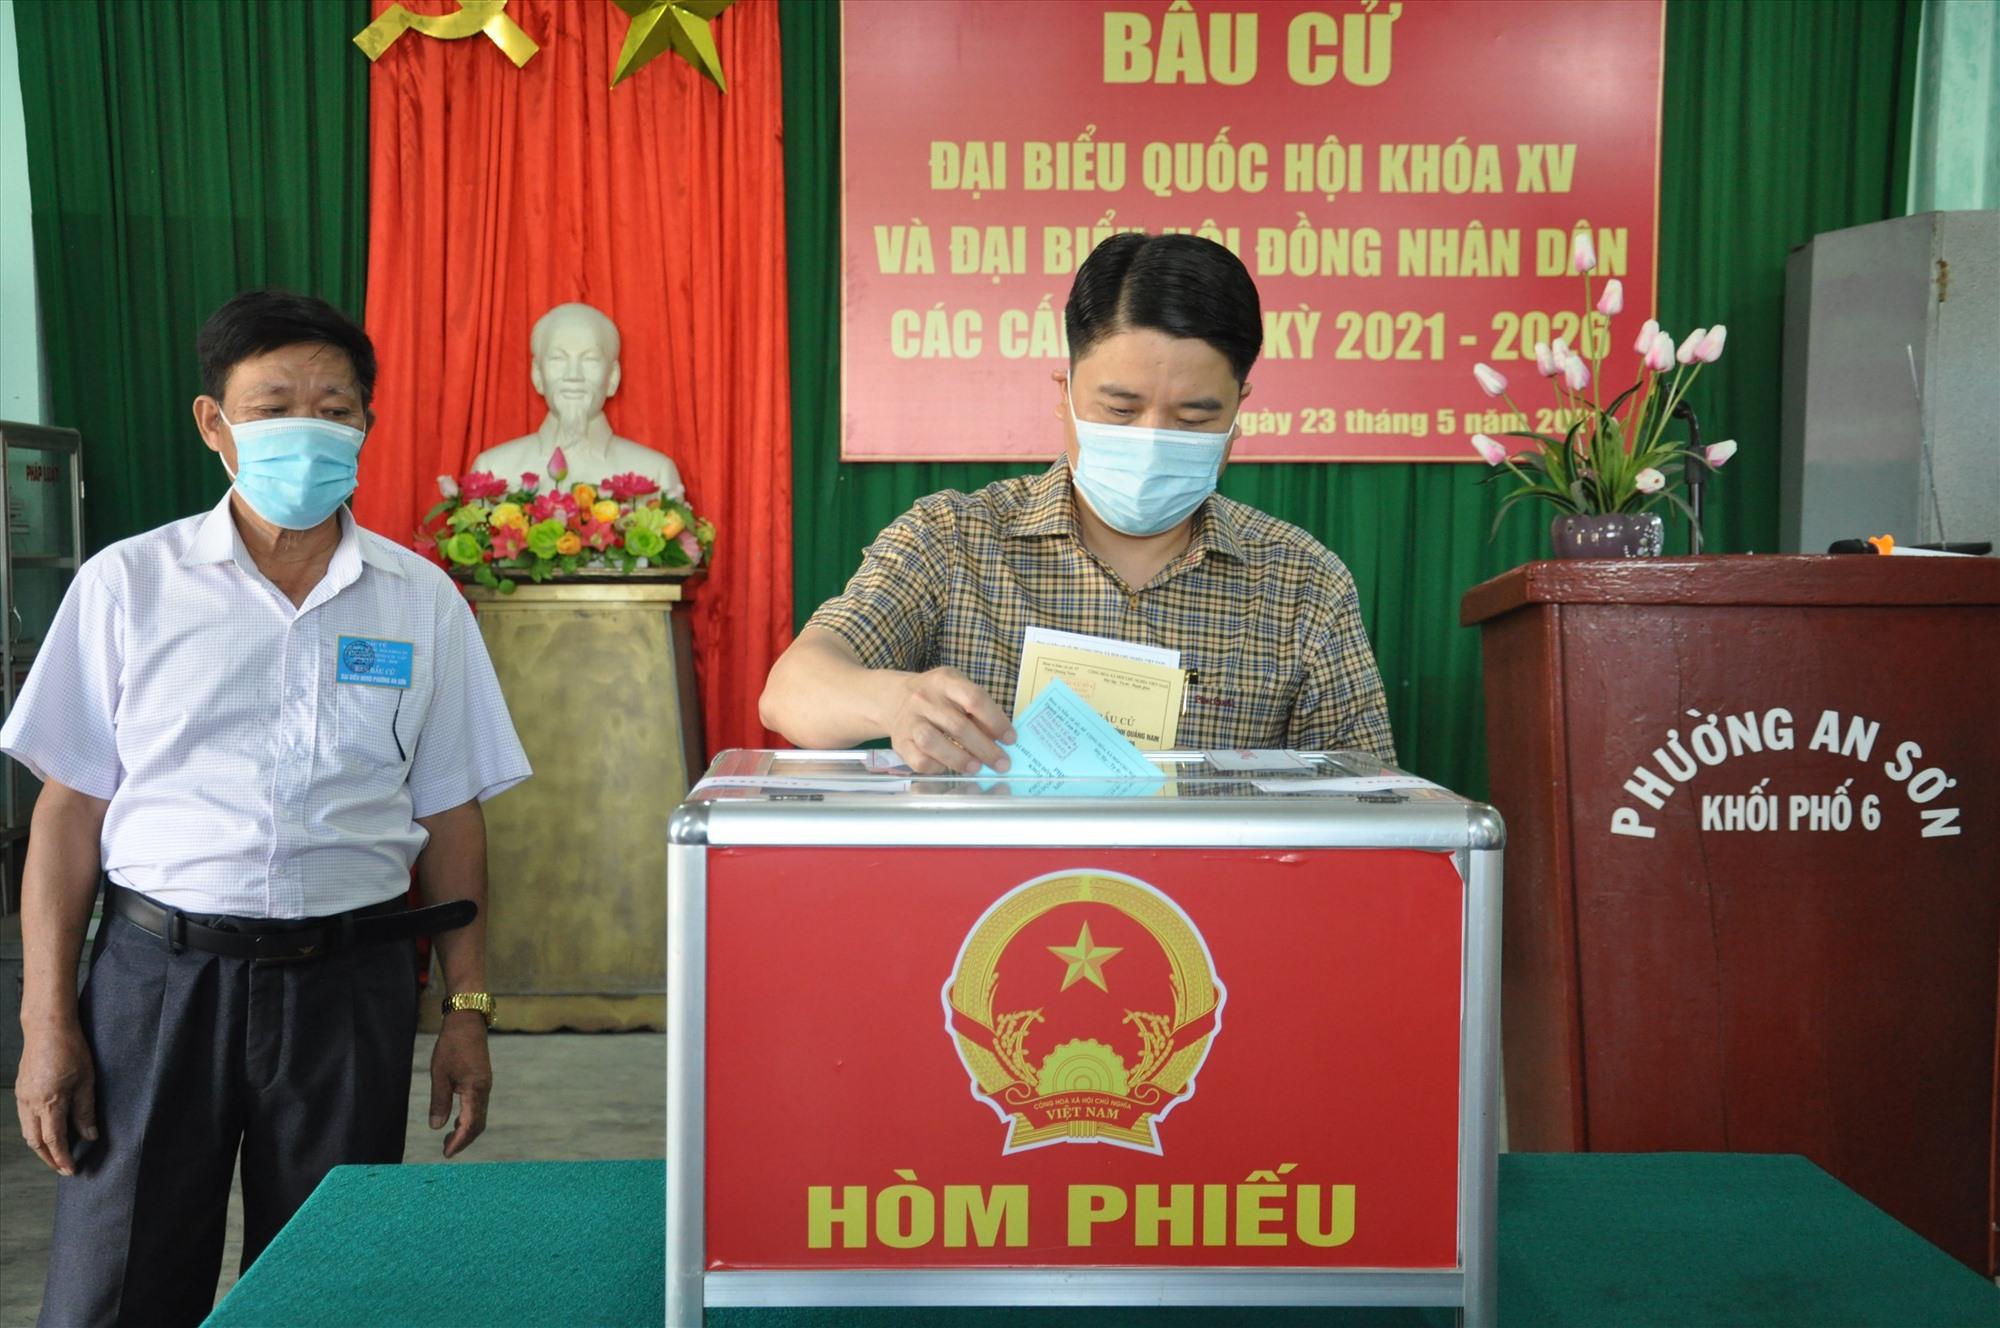 Phó Chủ tịch UBND tỉnh Trần Văn Tân bỏ phiếu bầu cử thực hiện quyền công dân.